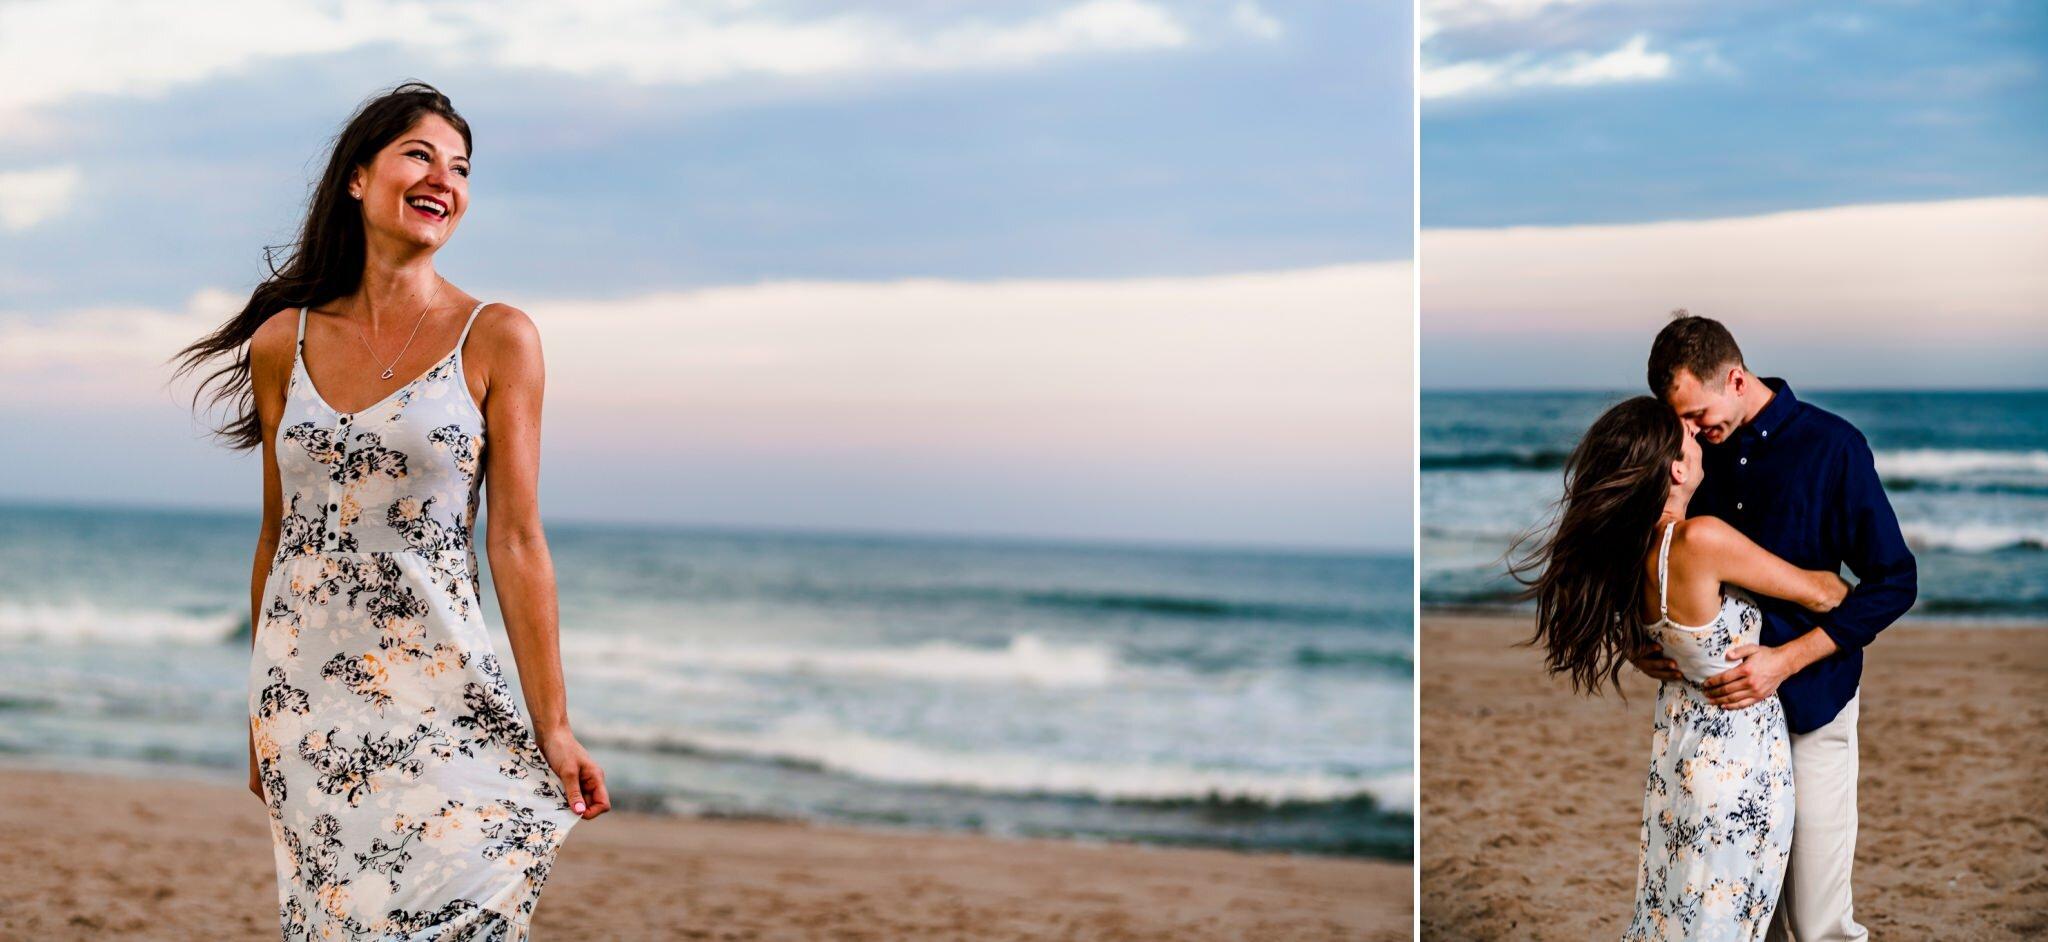 Malinoski-Manasquan-Beach-Engagement-Photos-17.JPG